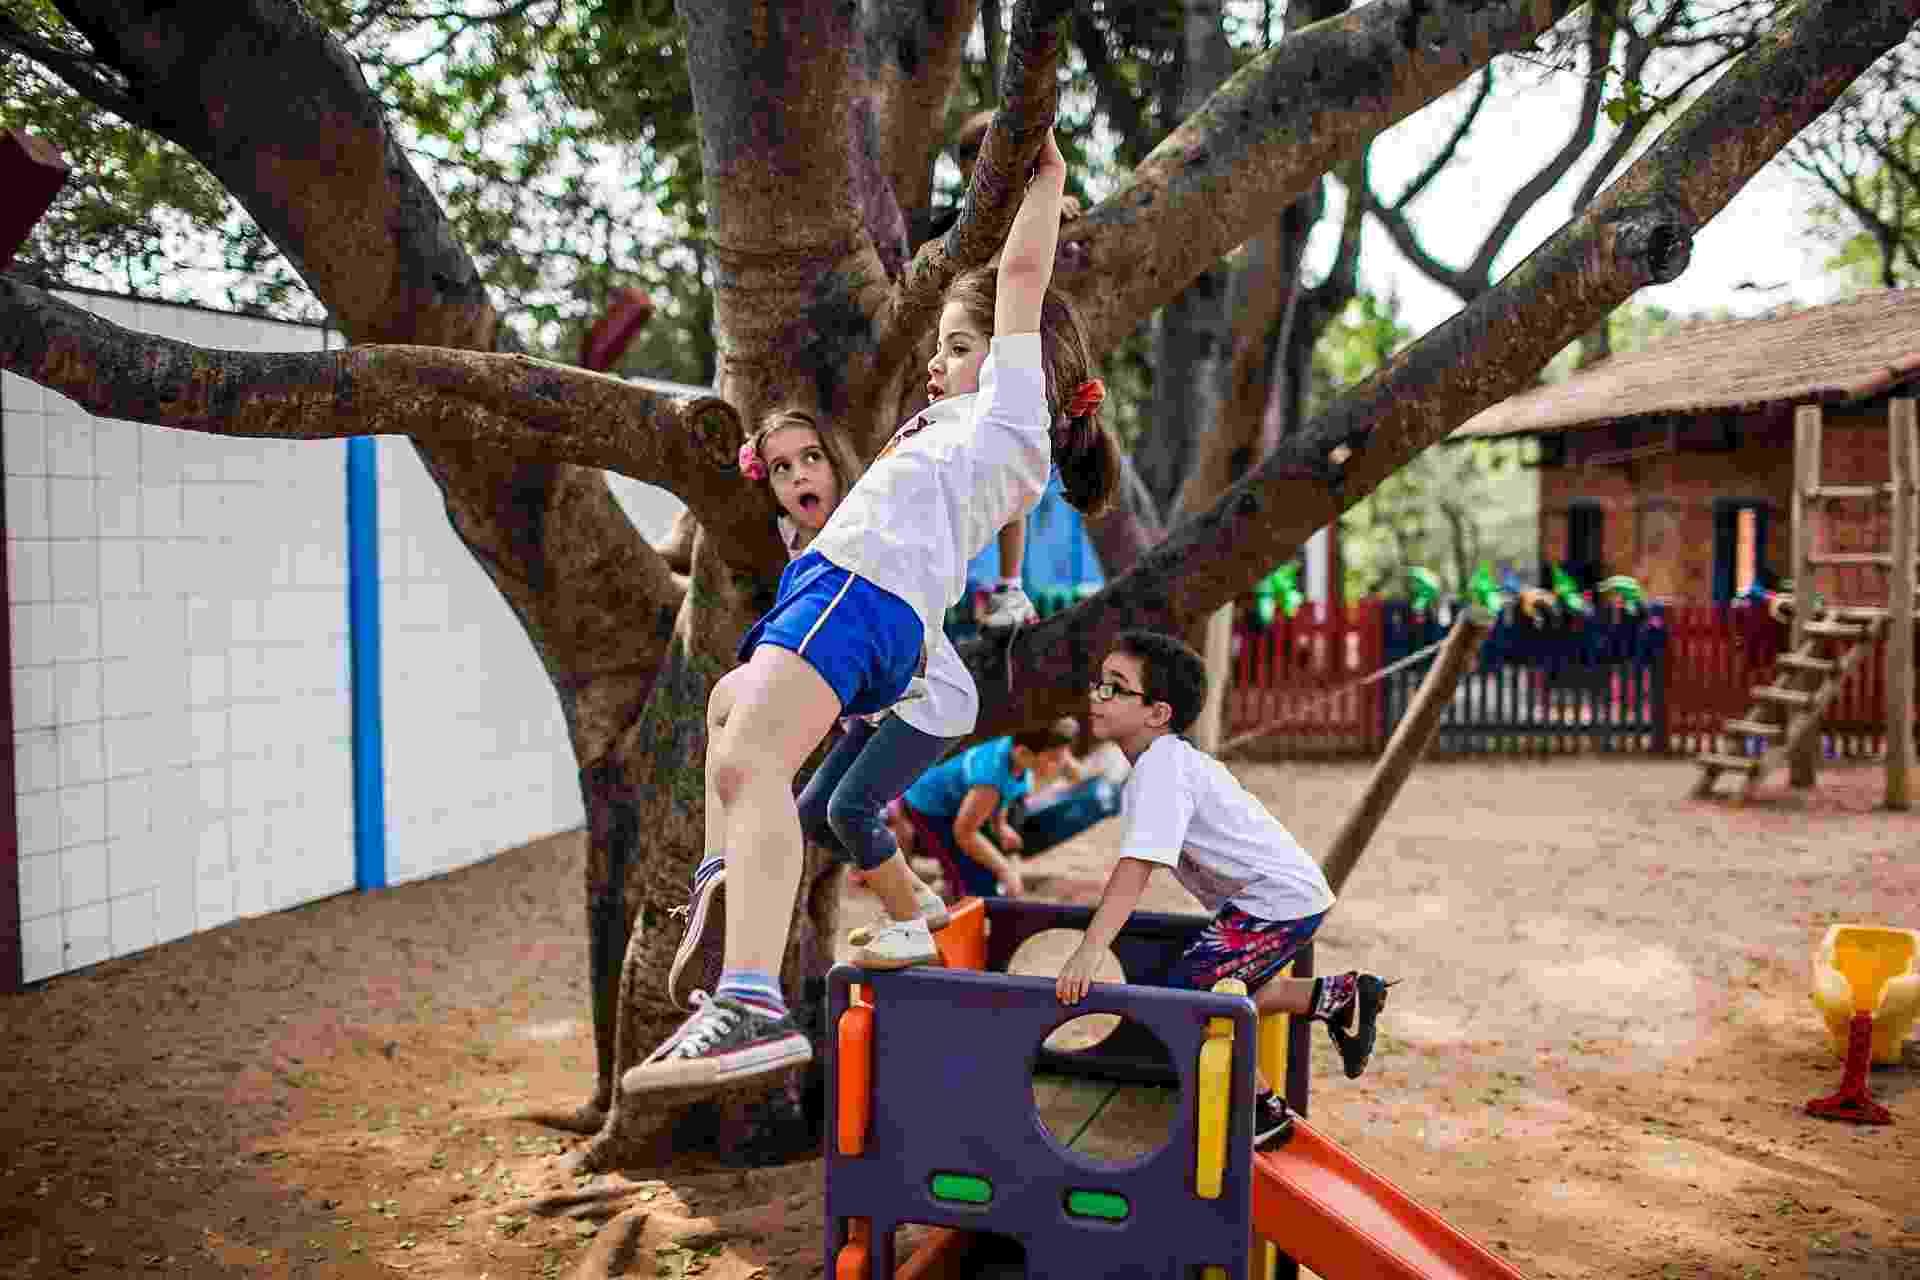 Crianças brincam no pátio da Creche/Pré-escola Oeste da USP - Leonardo Soares/UOL